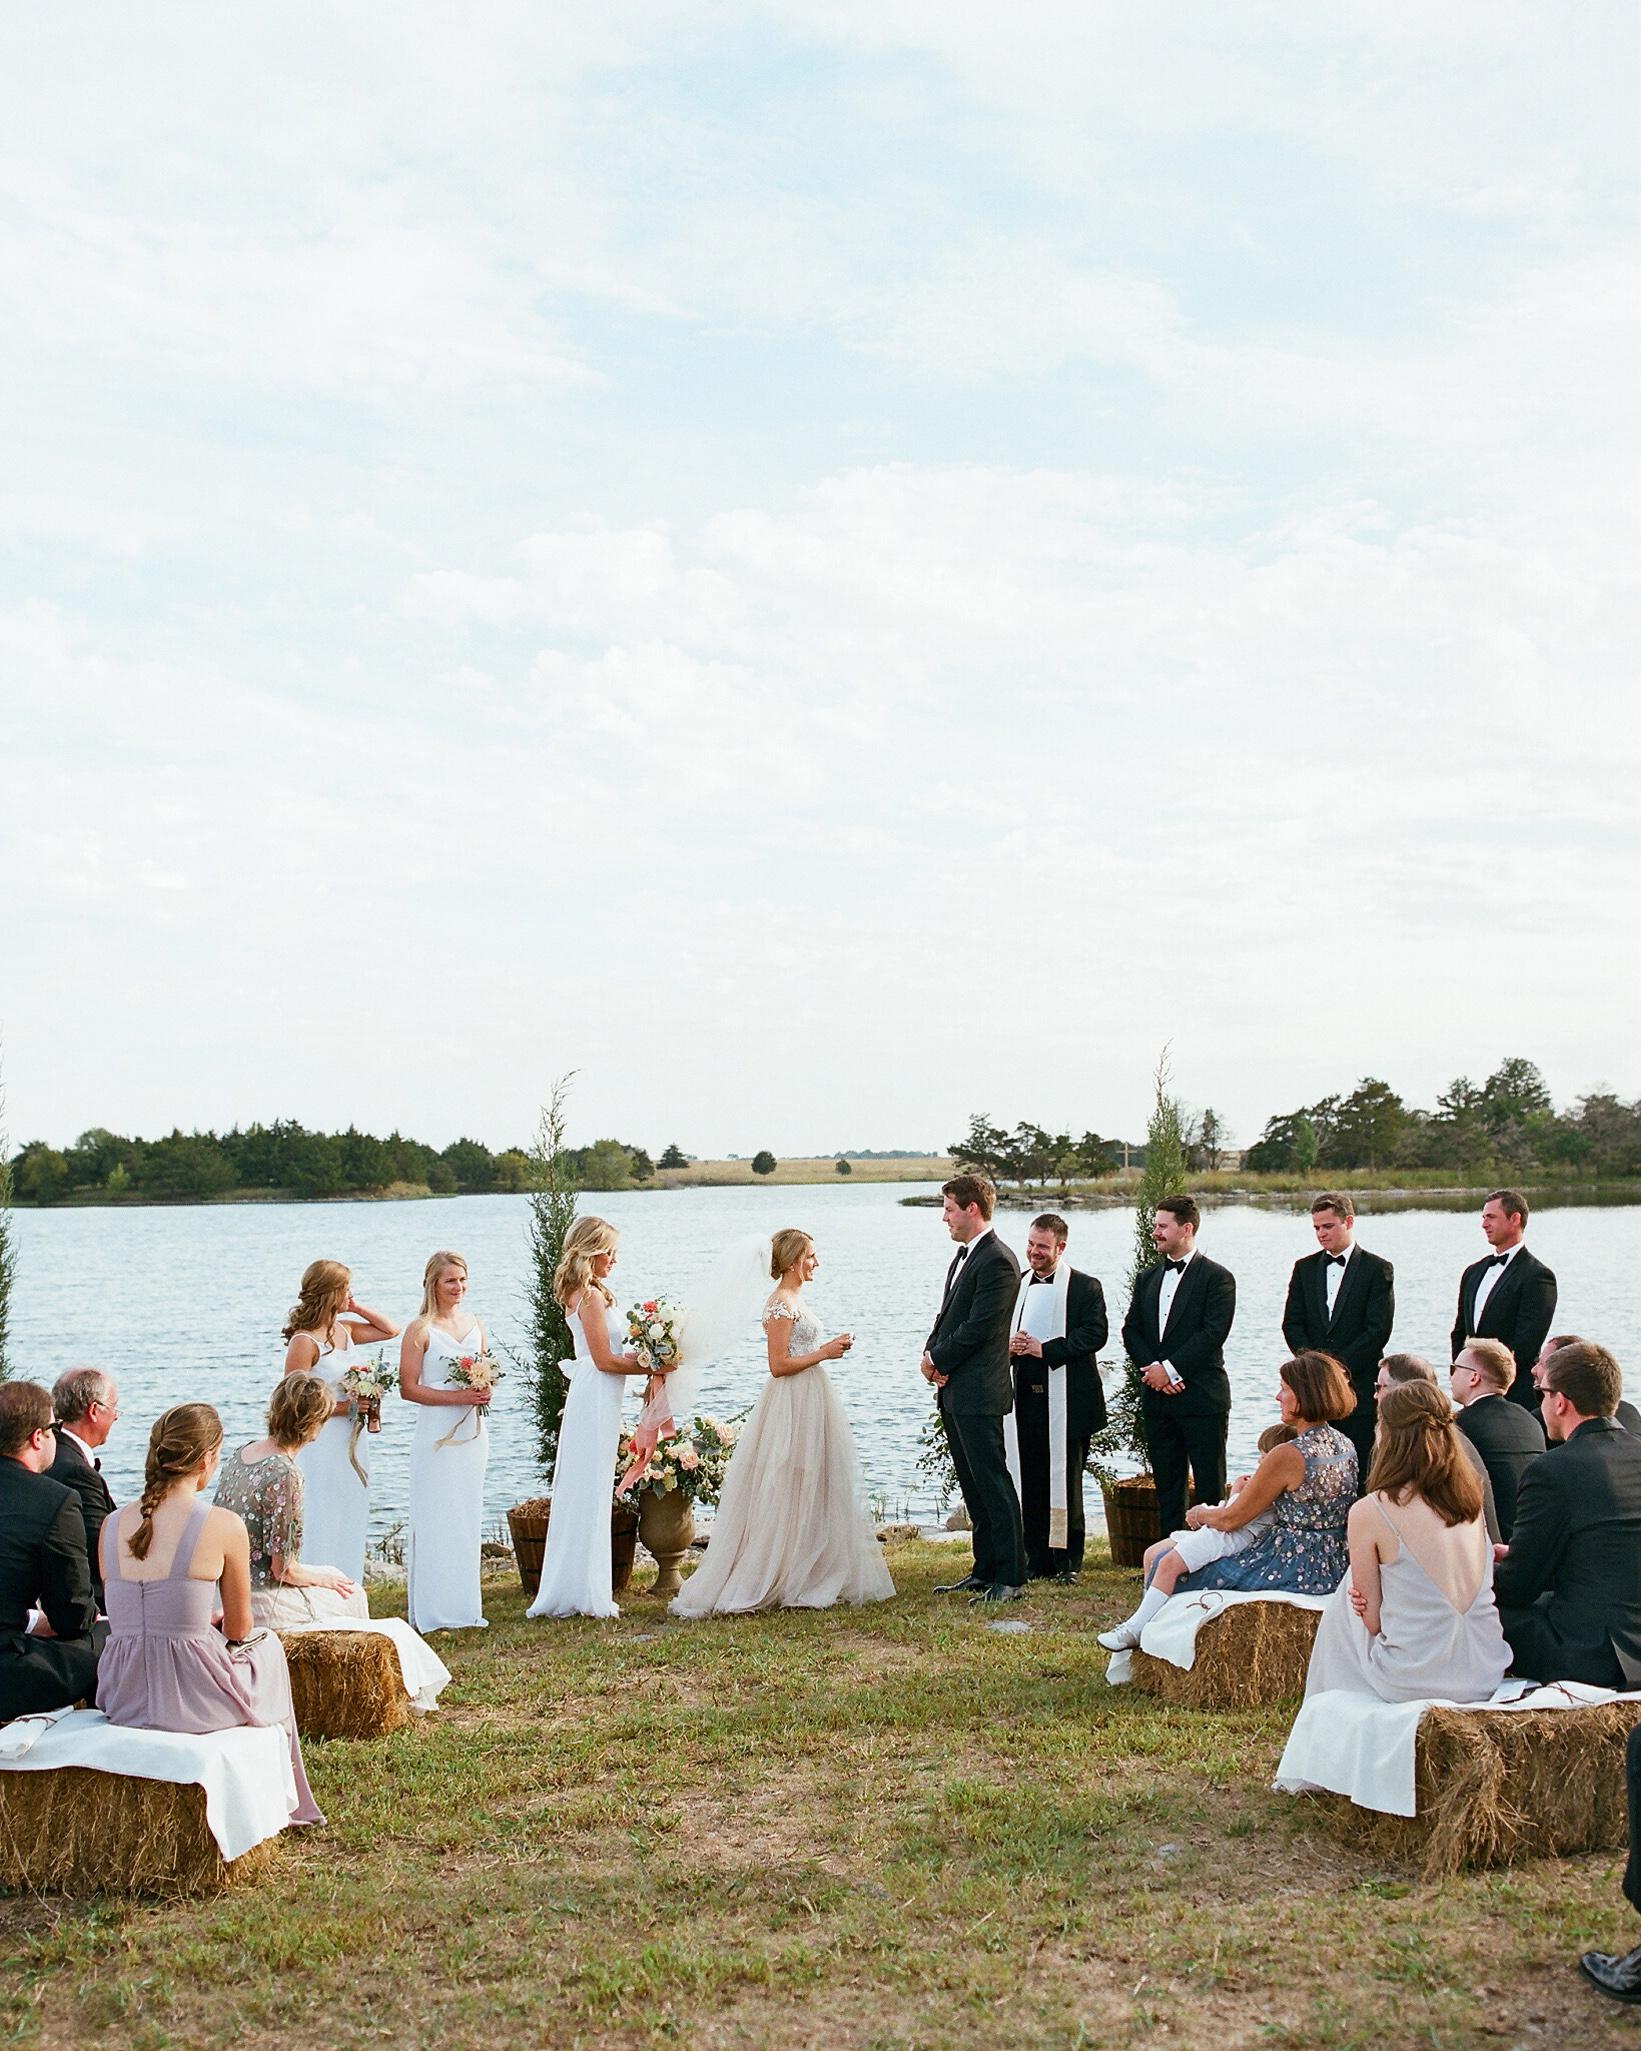 jessika william wedding ceremony